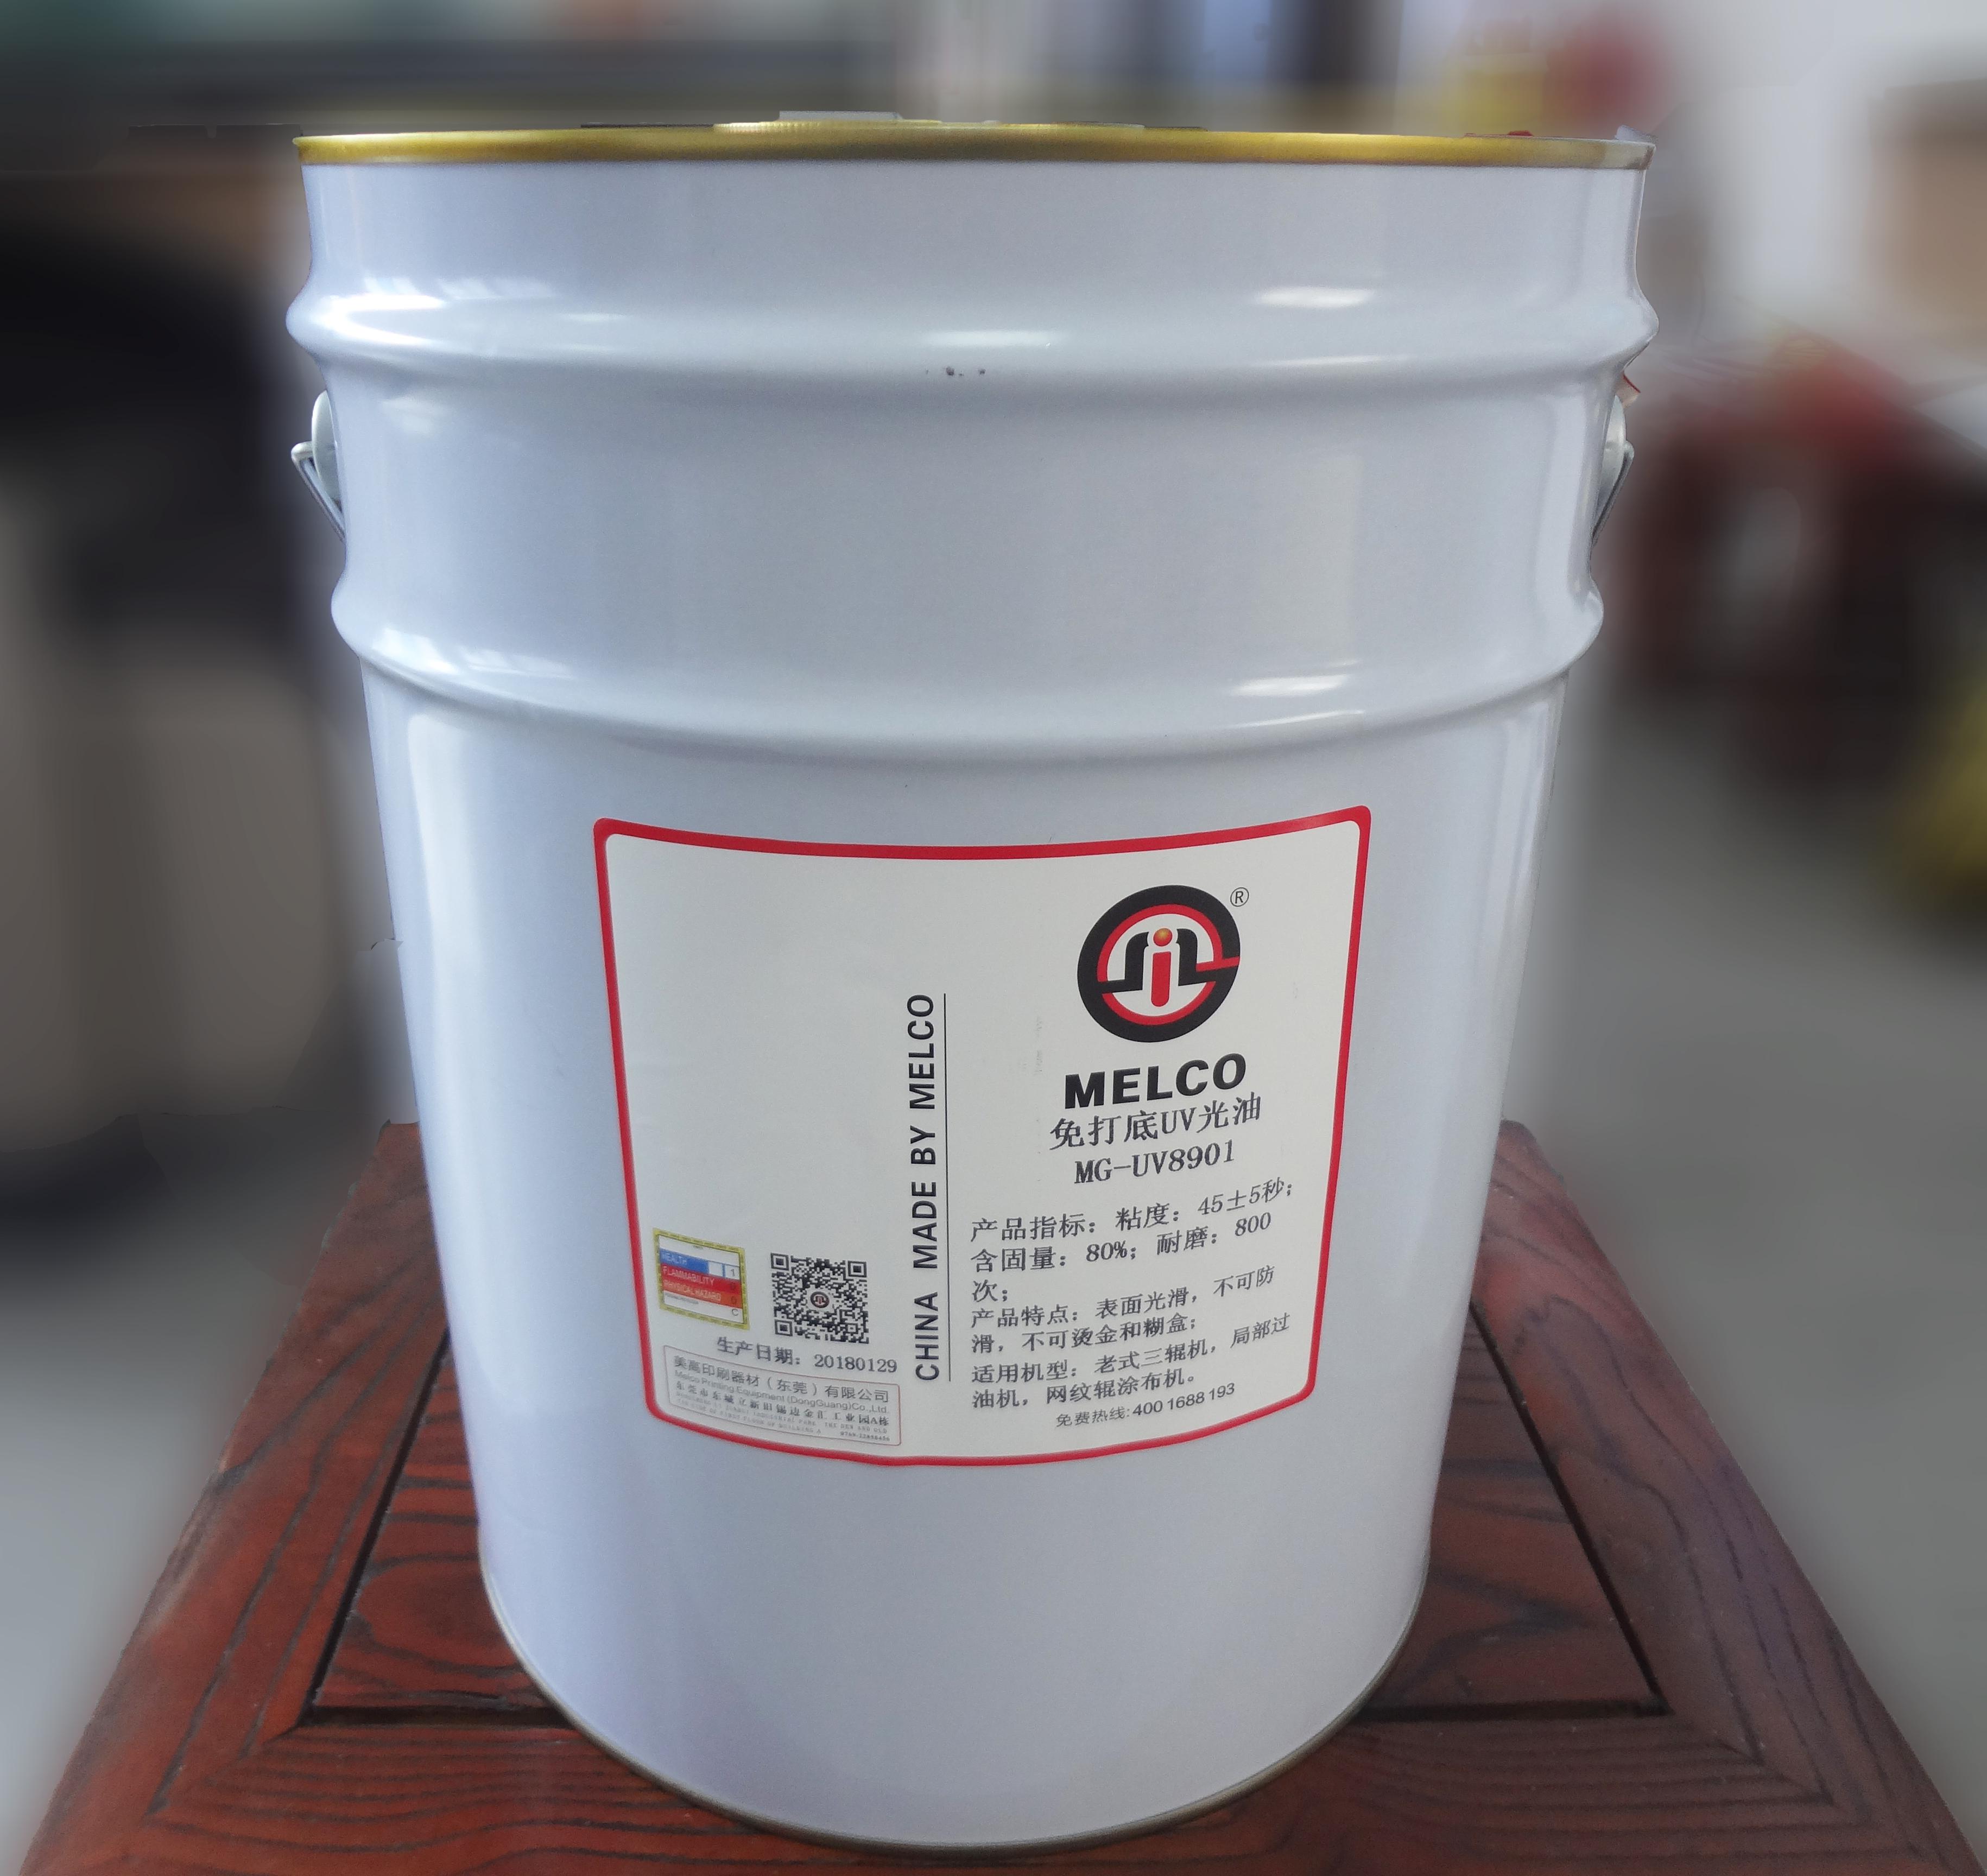 免打底UV光油 附着力佳 勿需水性底油 MGUV8901